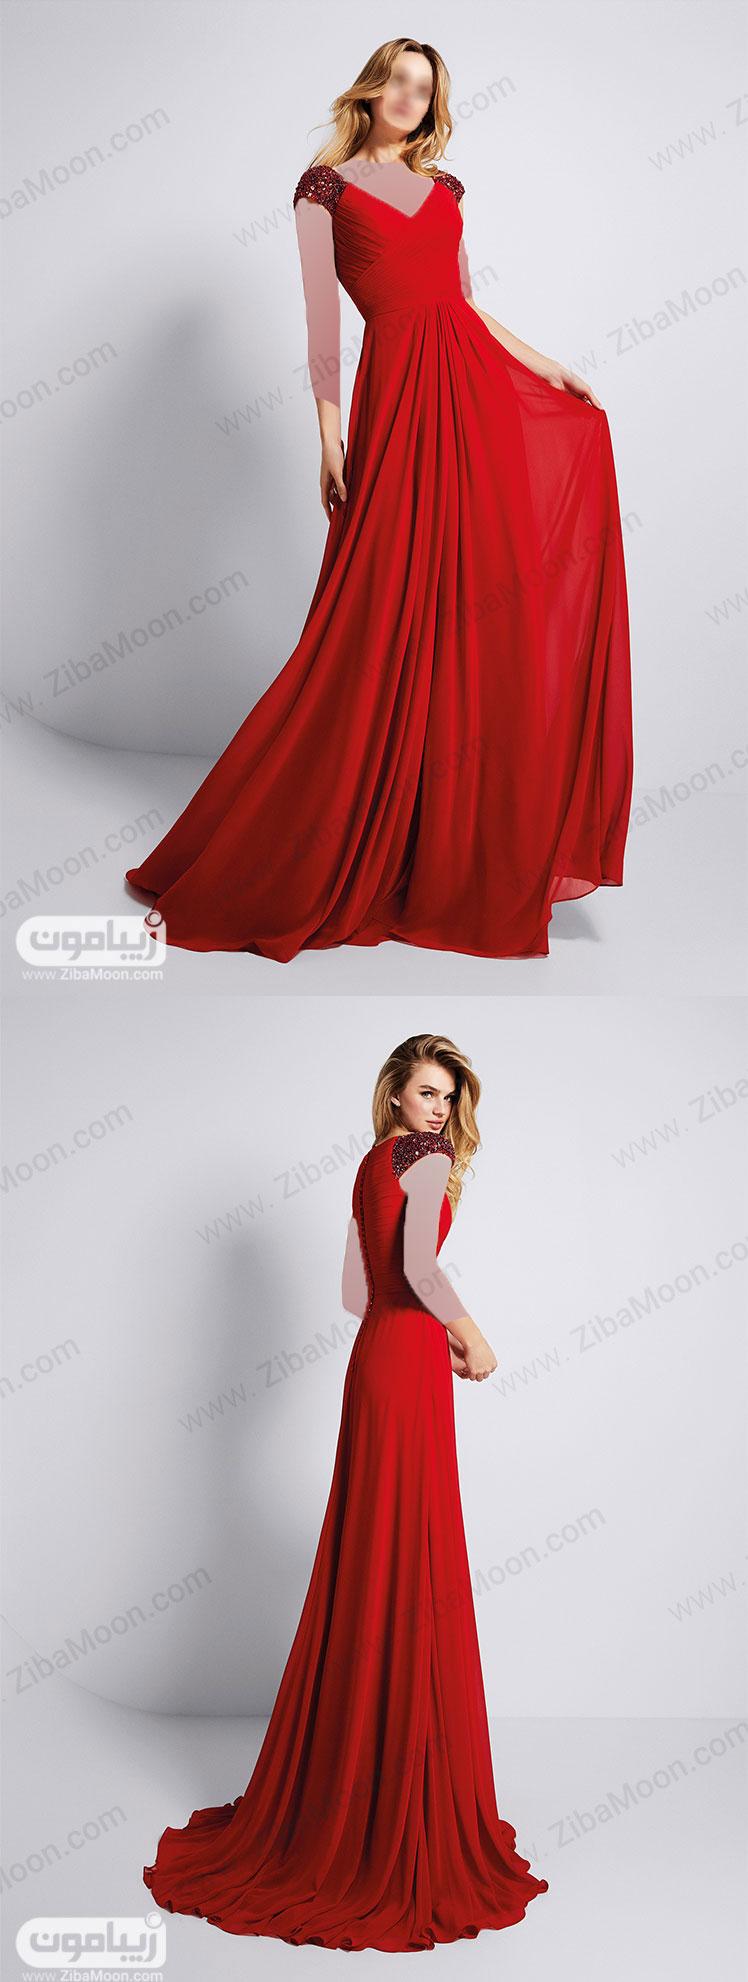 لباس مجلسی قرمز با سرآستین سنگ دوزی شده